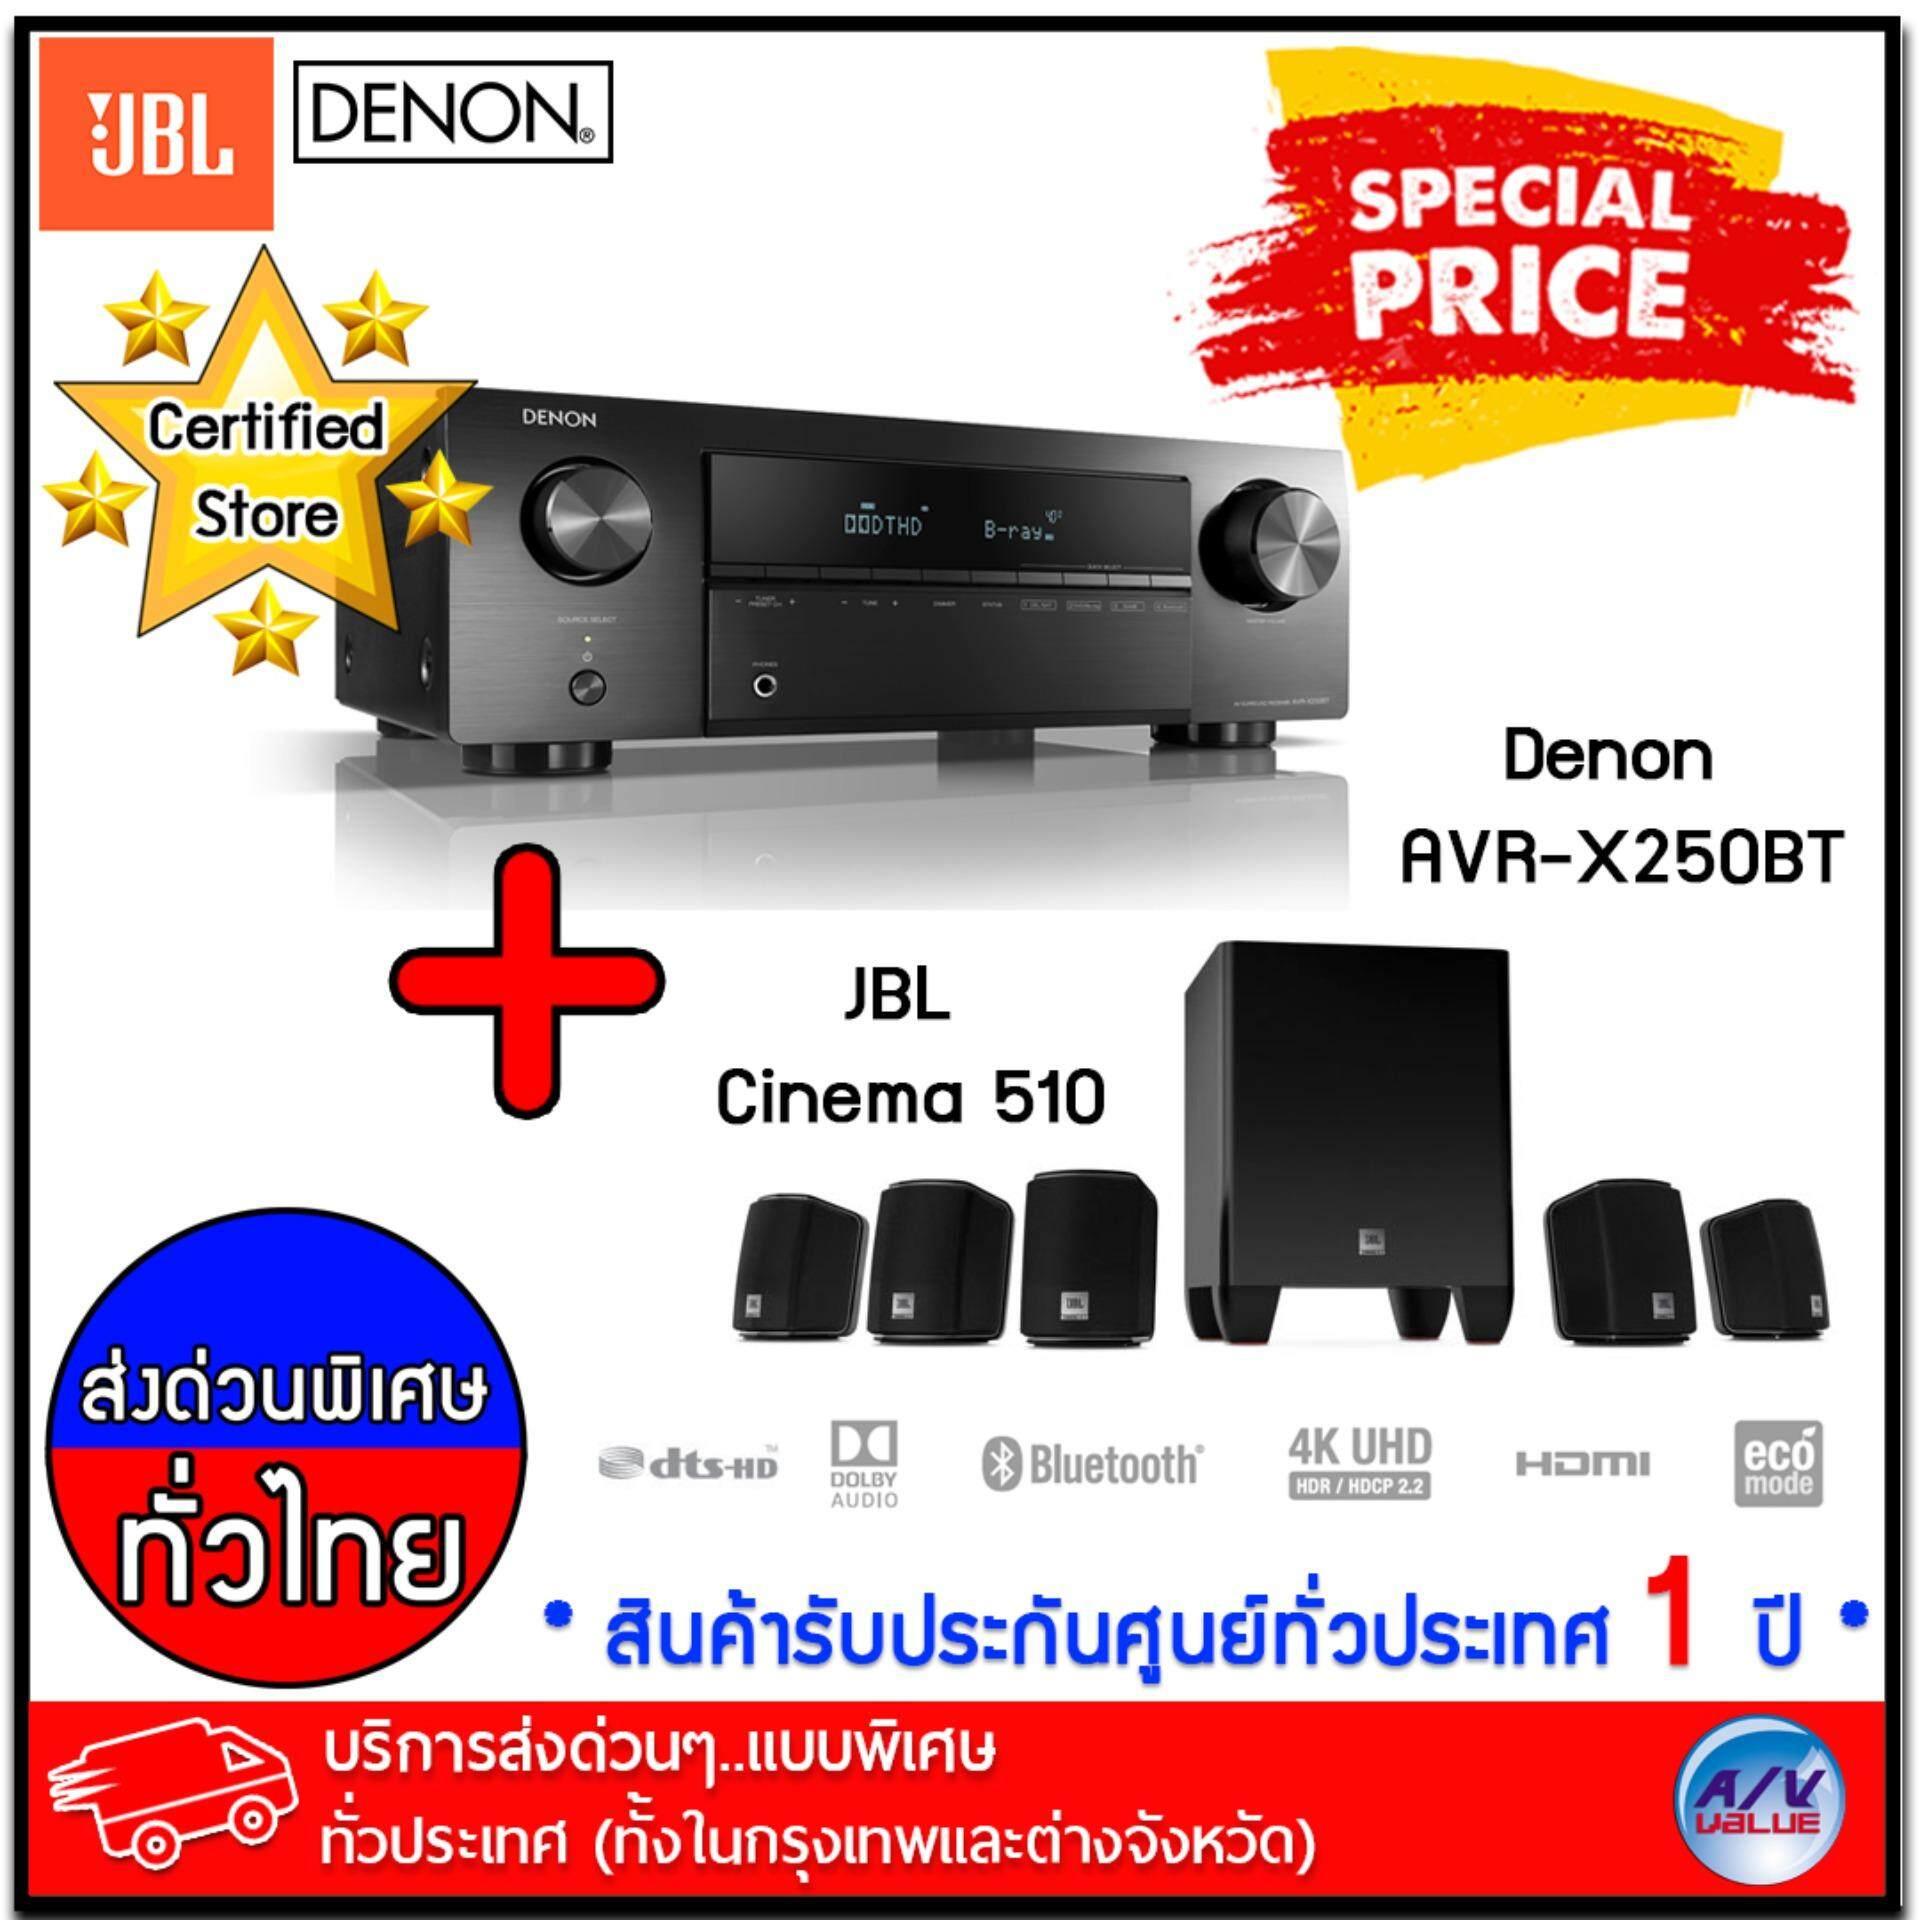 สอนใช้งาน  โคราช Denon AVR-X250BT 5.1 Ch. 4K Ultra HD AV Receiver with Bluetooth + JBL Cinema 510 5.1 Home Theater Speaker System with Powered Subwoofer *** บริการส่งด่วนแบบพิเศษ!ทั่วประเทศ (ทั้งในกรุงเทพและต่างจังหวัด)***